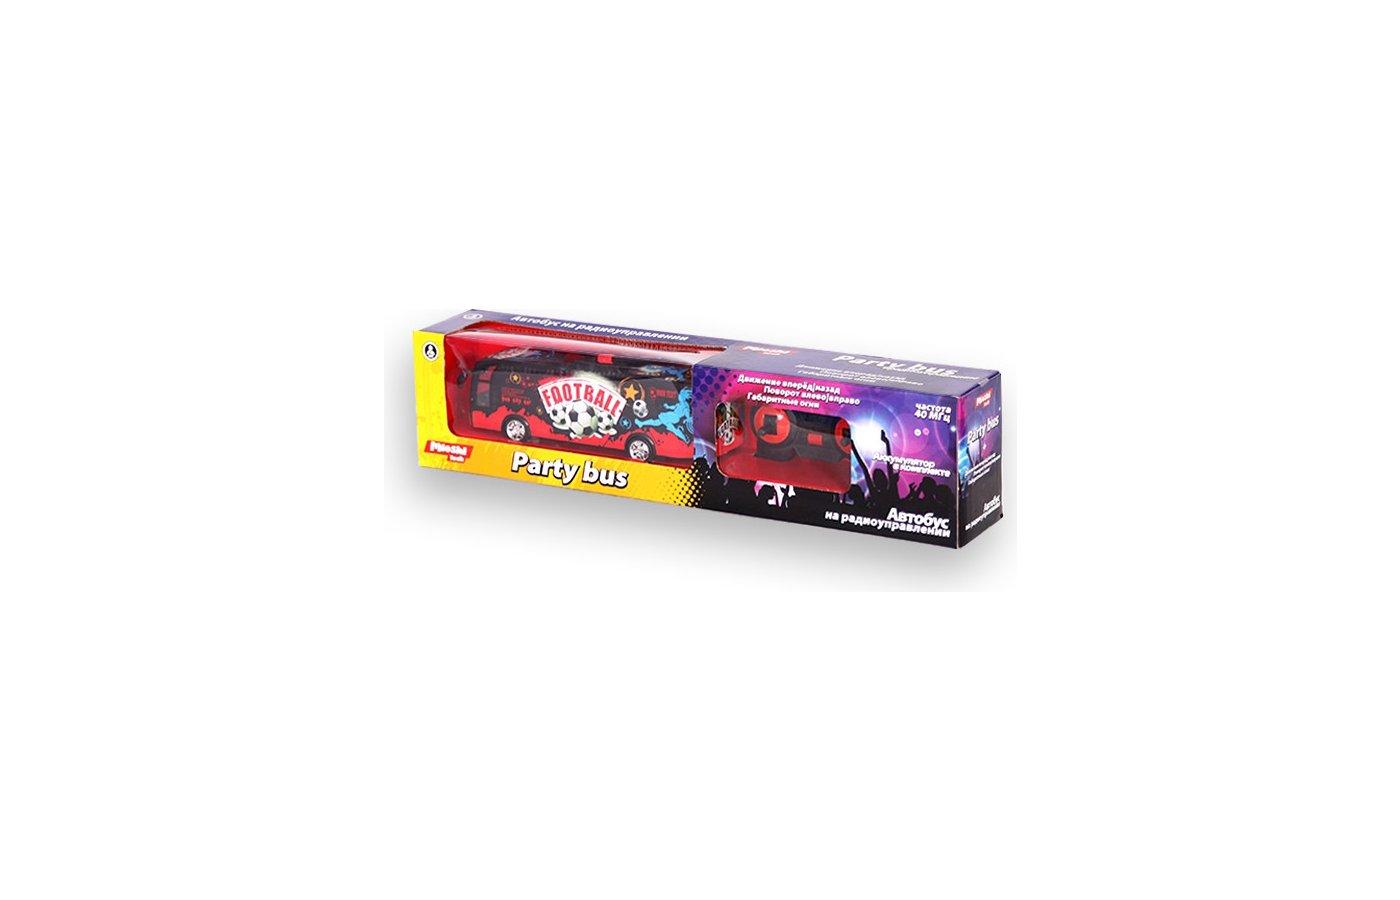 Игрушка Mioshi Tech MTE1201-052 Party bus чёрный